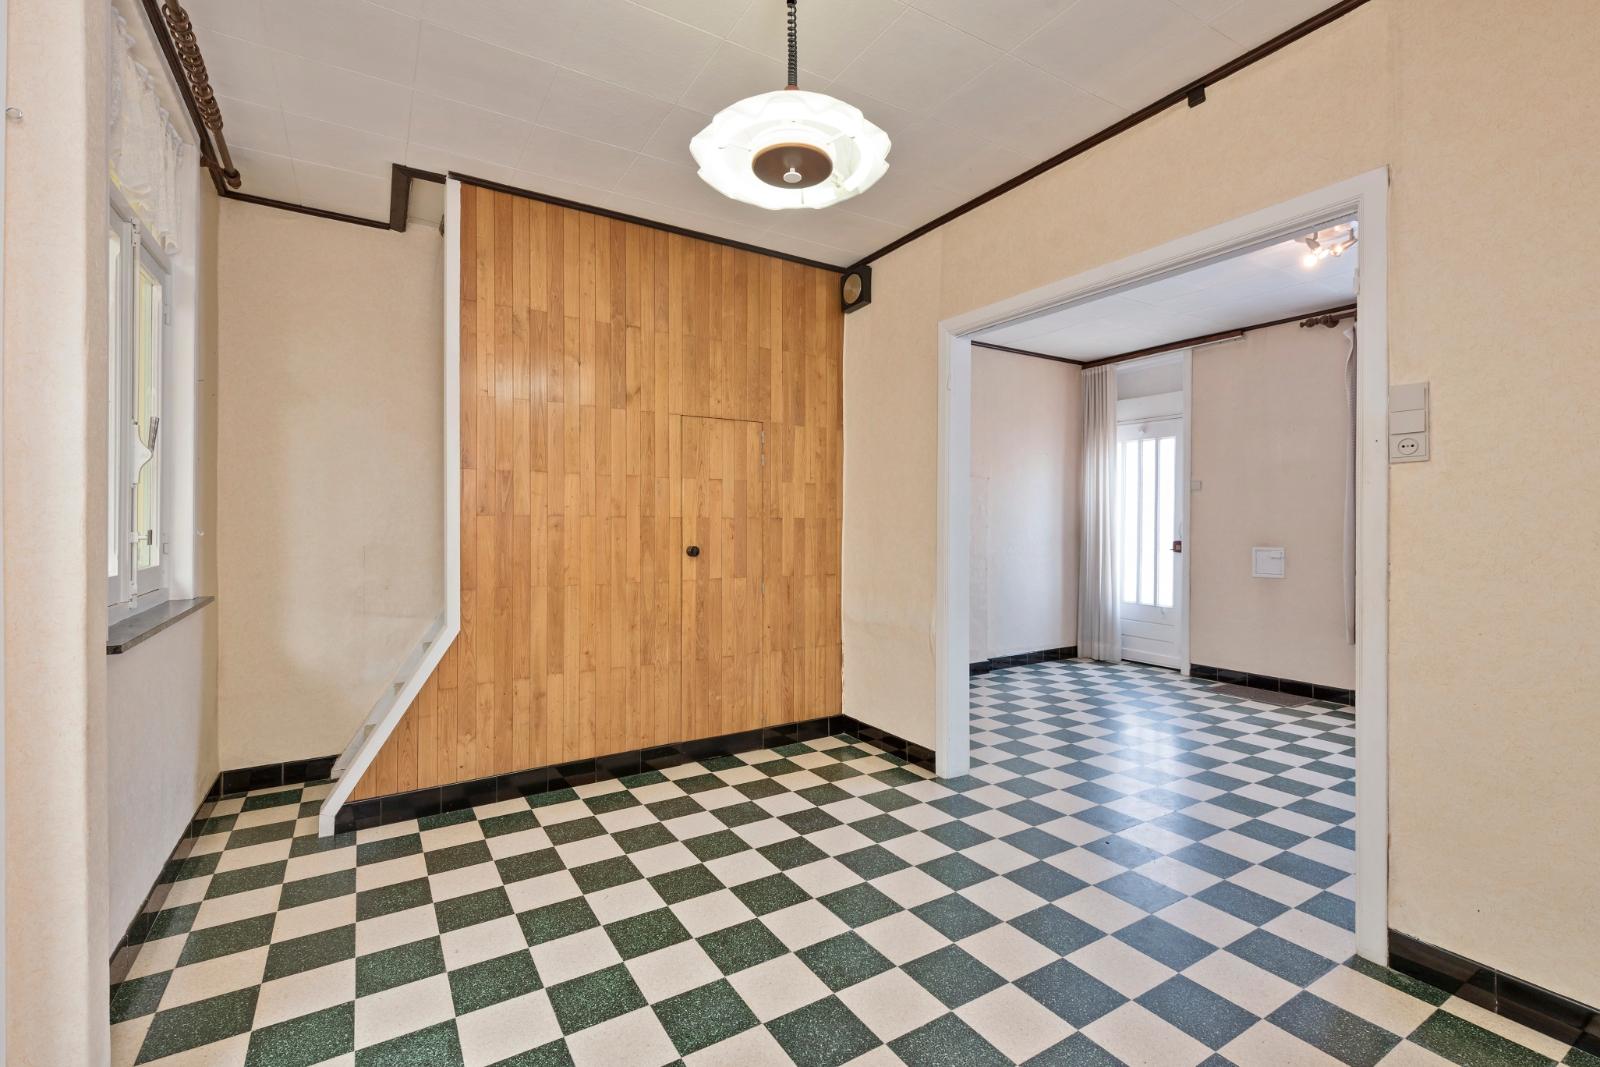 Woning met tal van mogelijkheden in centrum van Brielen - 4